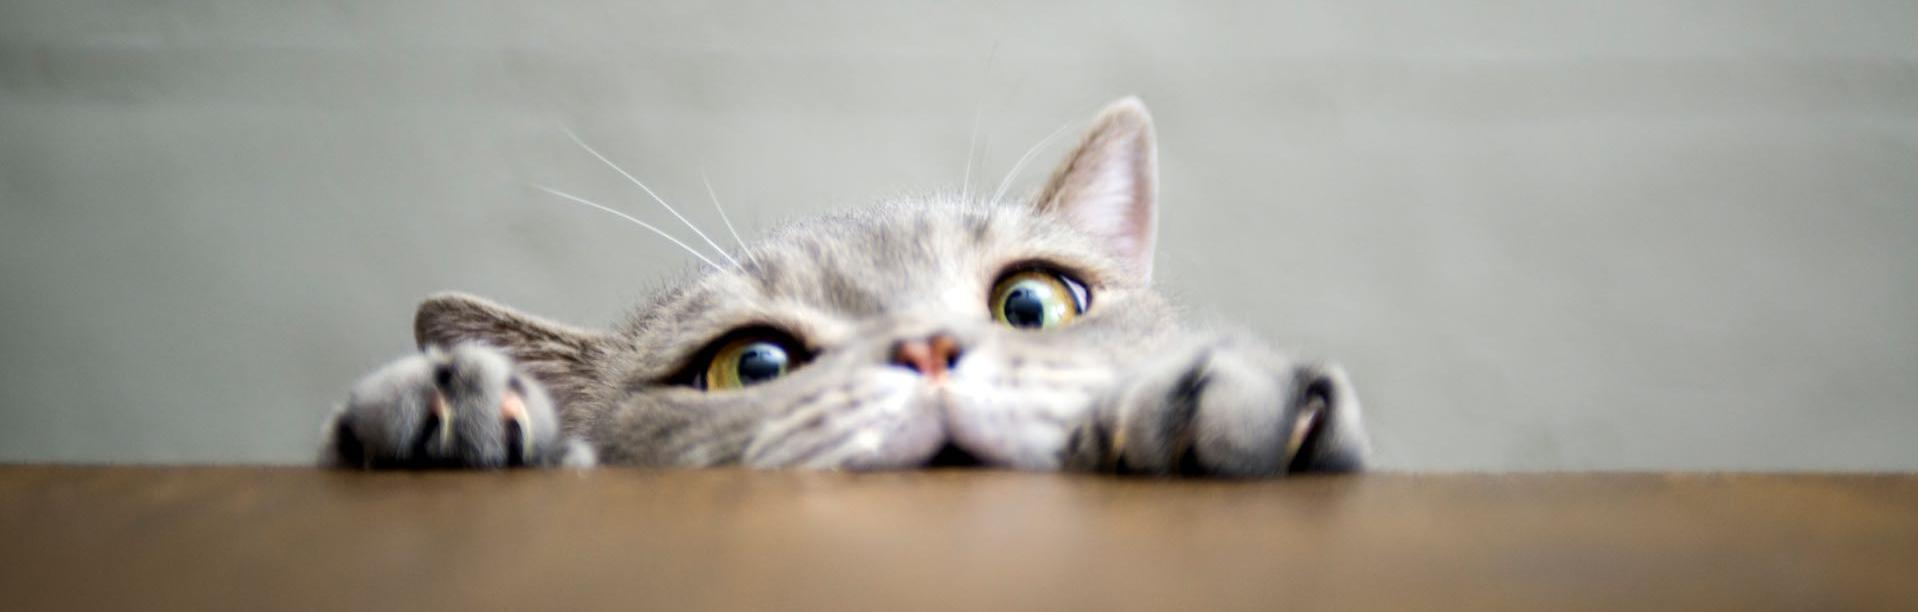 Futterkohle für Katzen